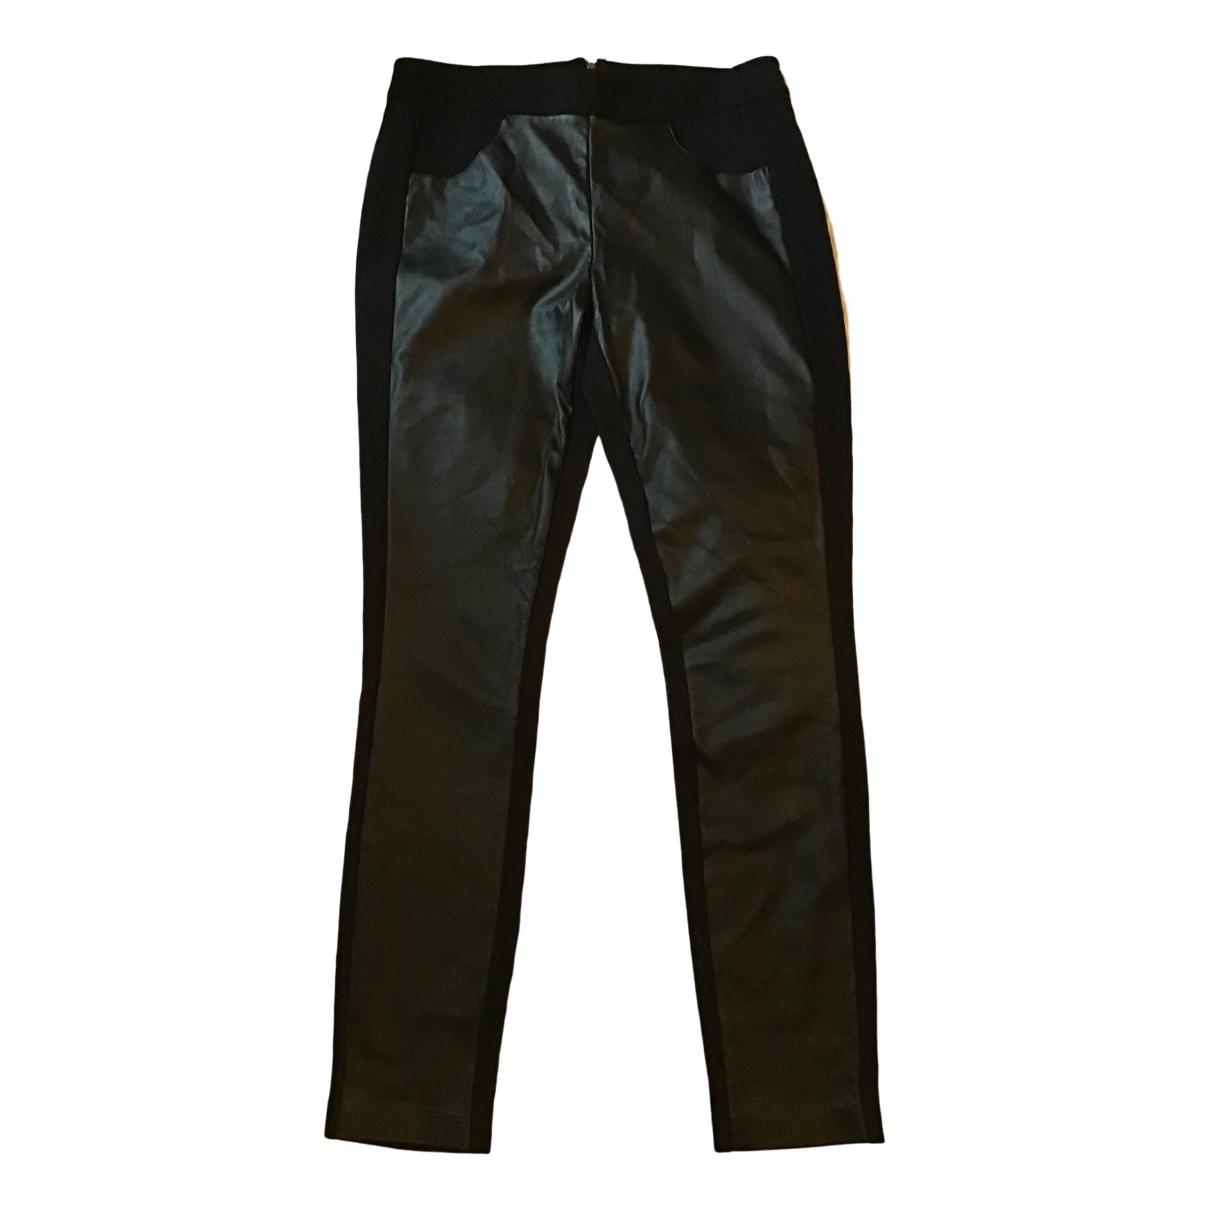 J.crew - Pantalon   pour femme en cuir - noir